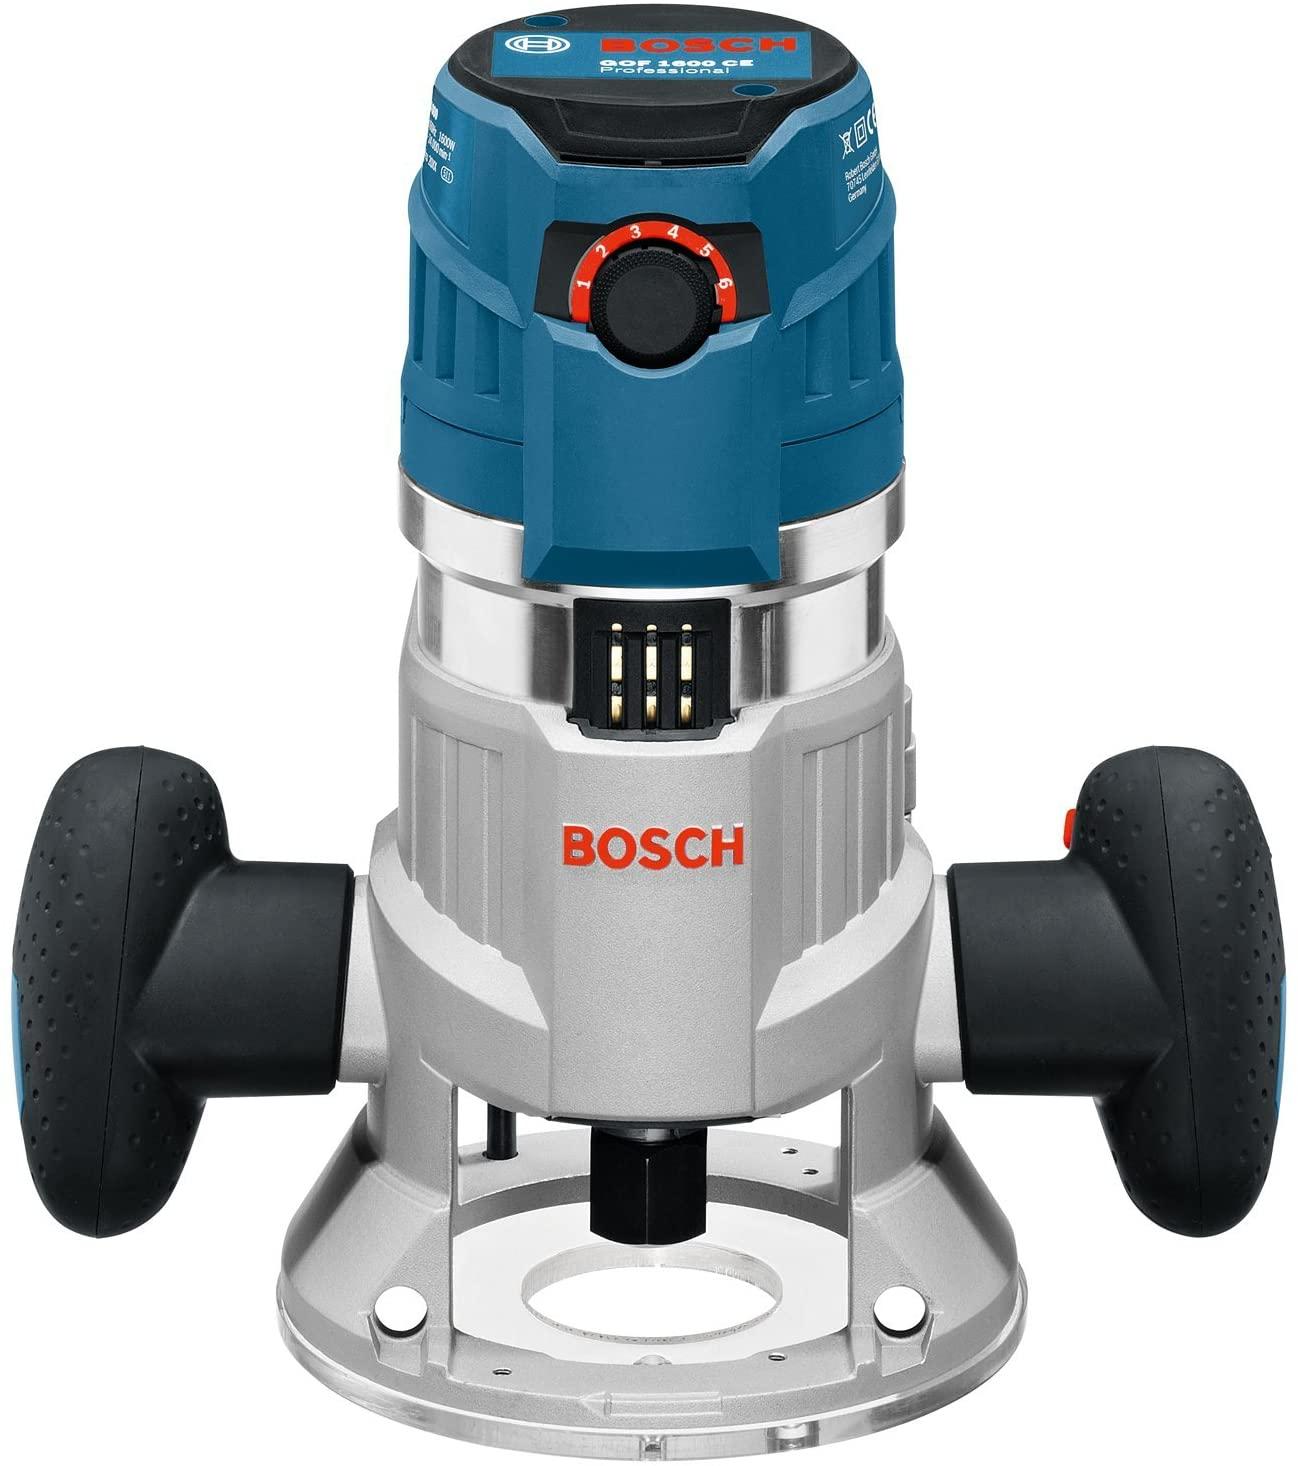 La défonceuse Bosch Professional Filaire GOF 1600 CE face